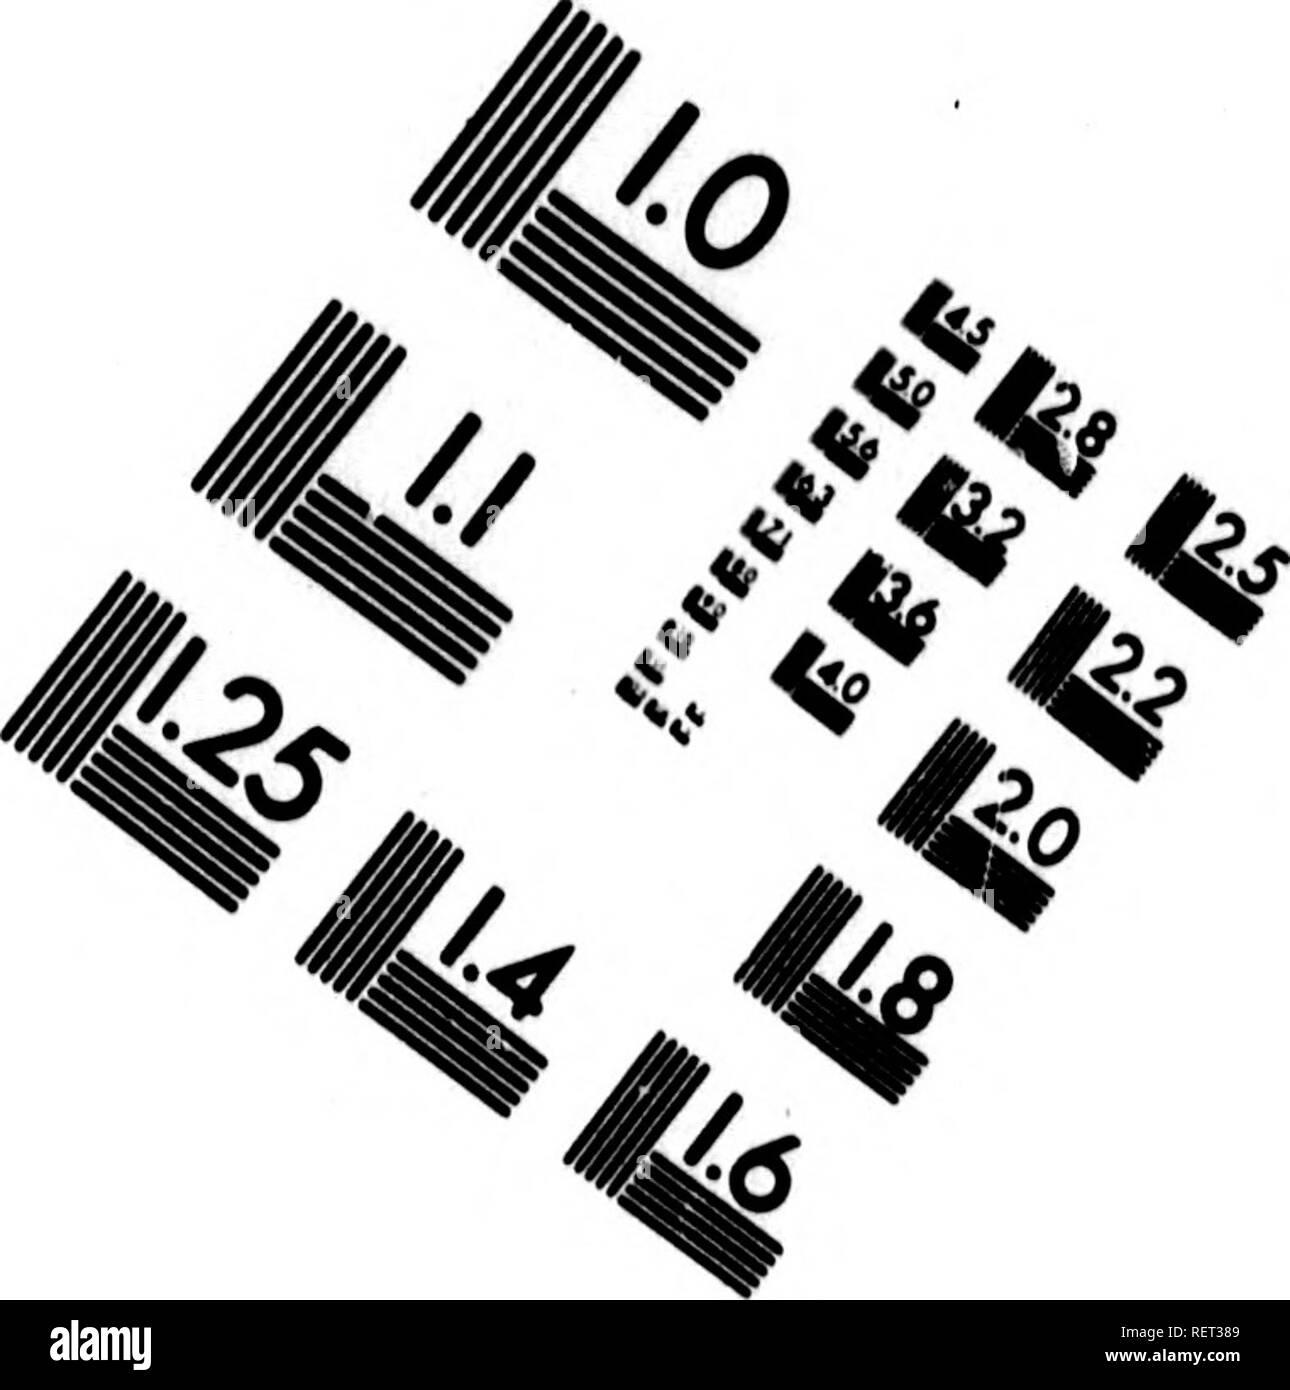 . Histoire naturelle, générale et particulière [microforme] : servant de suite à la théorie de la terre, & d'introduction à l'histoire des miné raux. Sciences naturelles; Natural history. IMAGE EVALUATION TEST TARGET (MT-3). 1.0 M 12.8 m m lââ J2.2 â 63 ^ m m ^ l^o 112.0 ik ⢠1.25 ||.4 ||.6 Va W M. Please note that these images are extracted from scanned page images that may have been digitally enhanced for readability - coloration and appearance of these illustrations may not perfectly resemble the original work.. Buffon, Georges Louis Leclerc, comte de, 1707-1788. A Paris : De l' - Stock Image